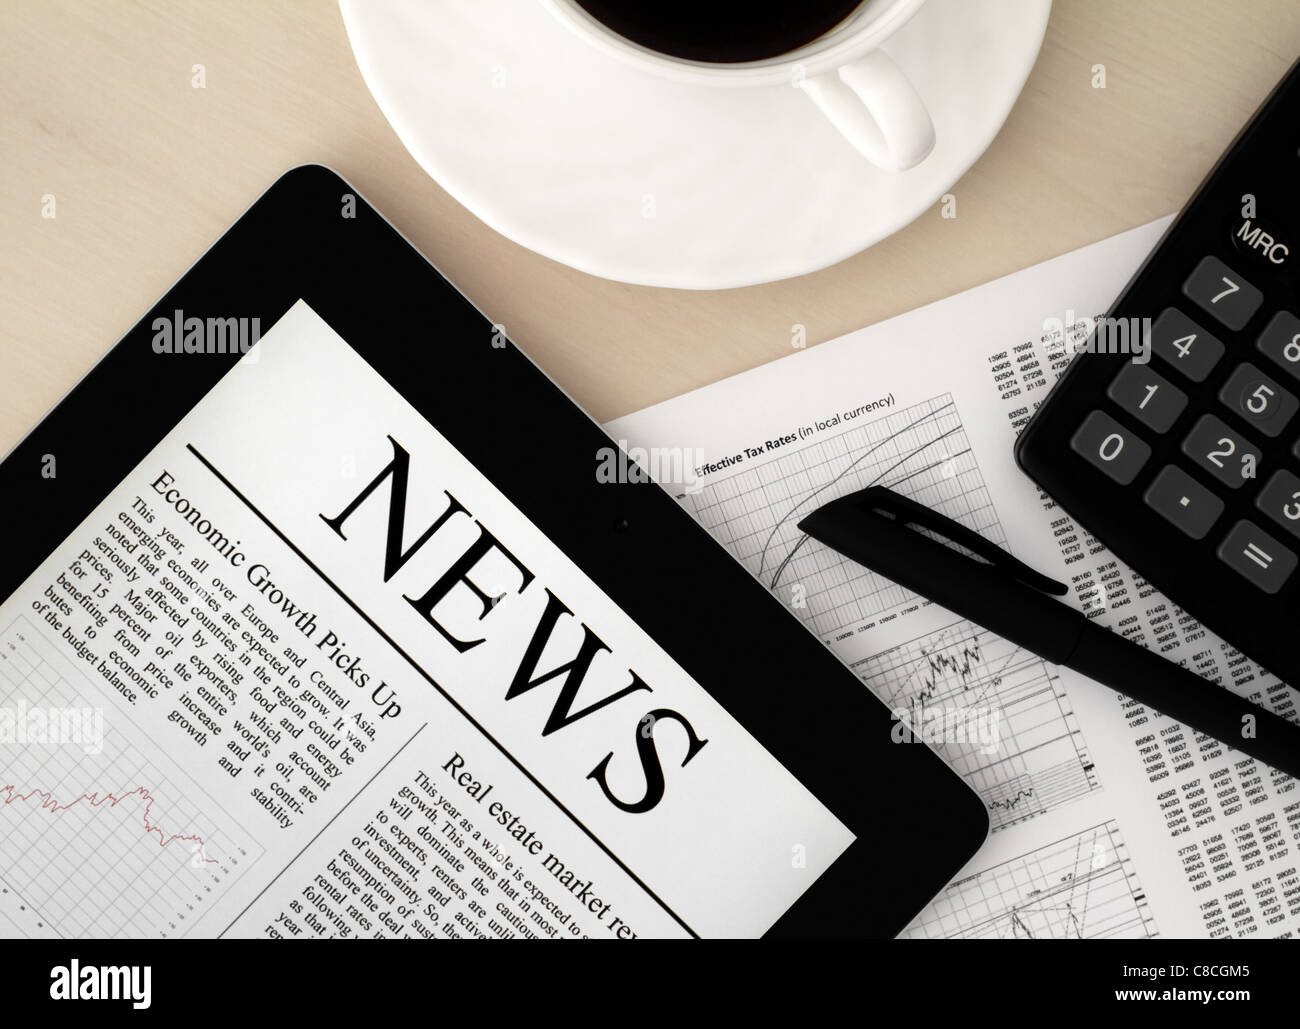 Bureau avec un Tablet PC, qui présente les dernières nouvelles sur l'écran. Photo Stock